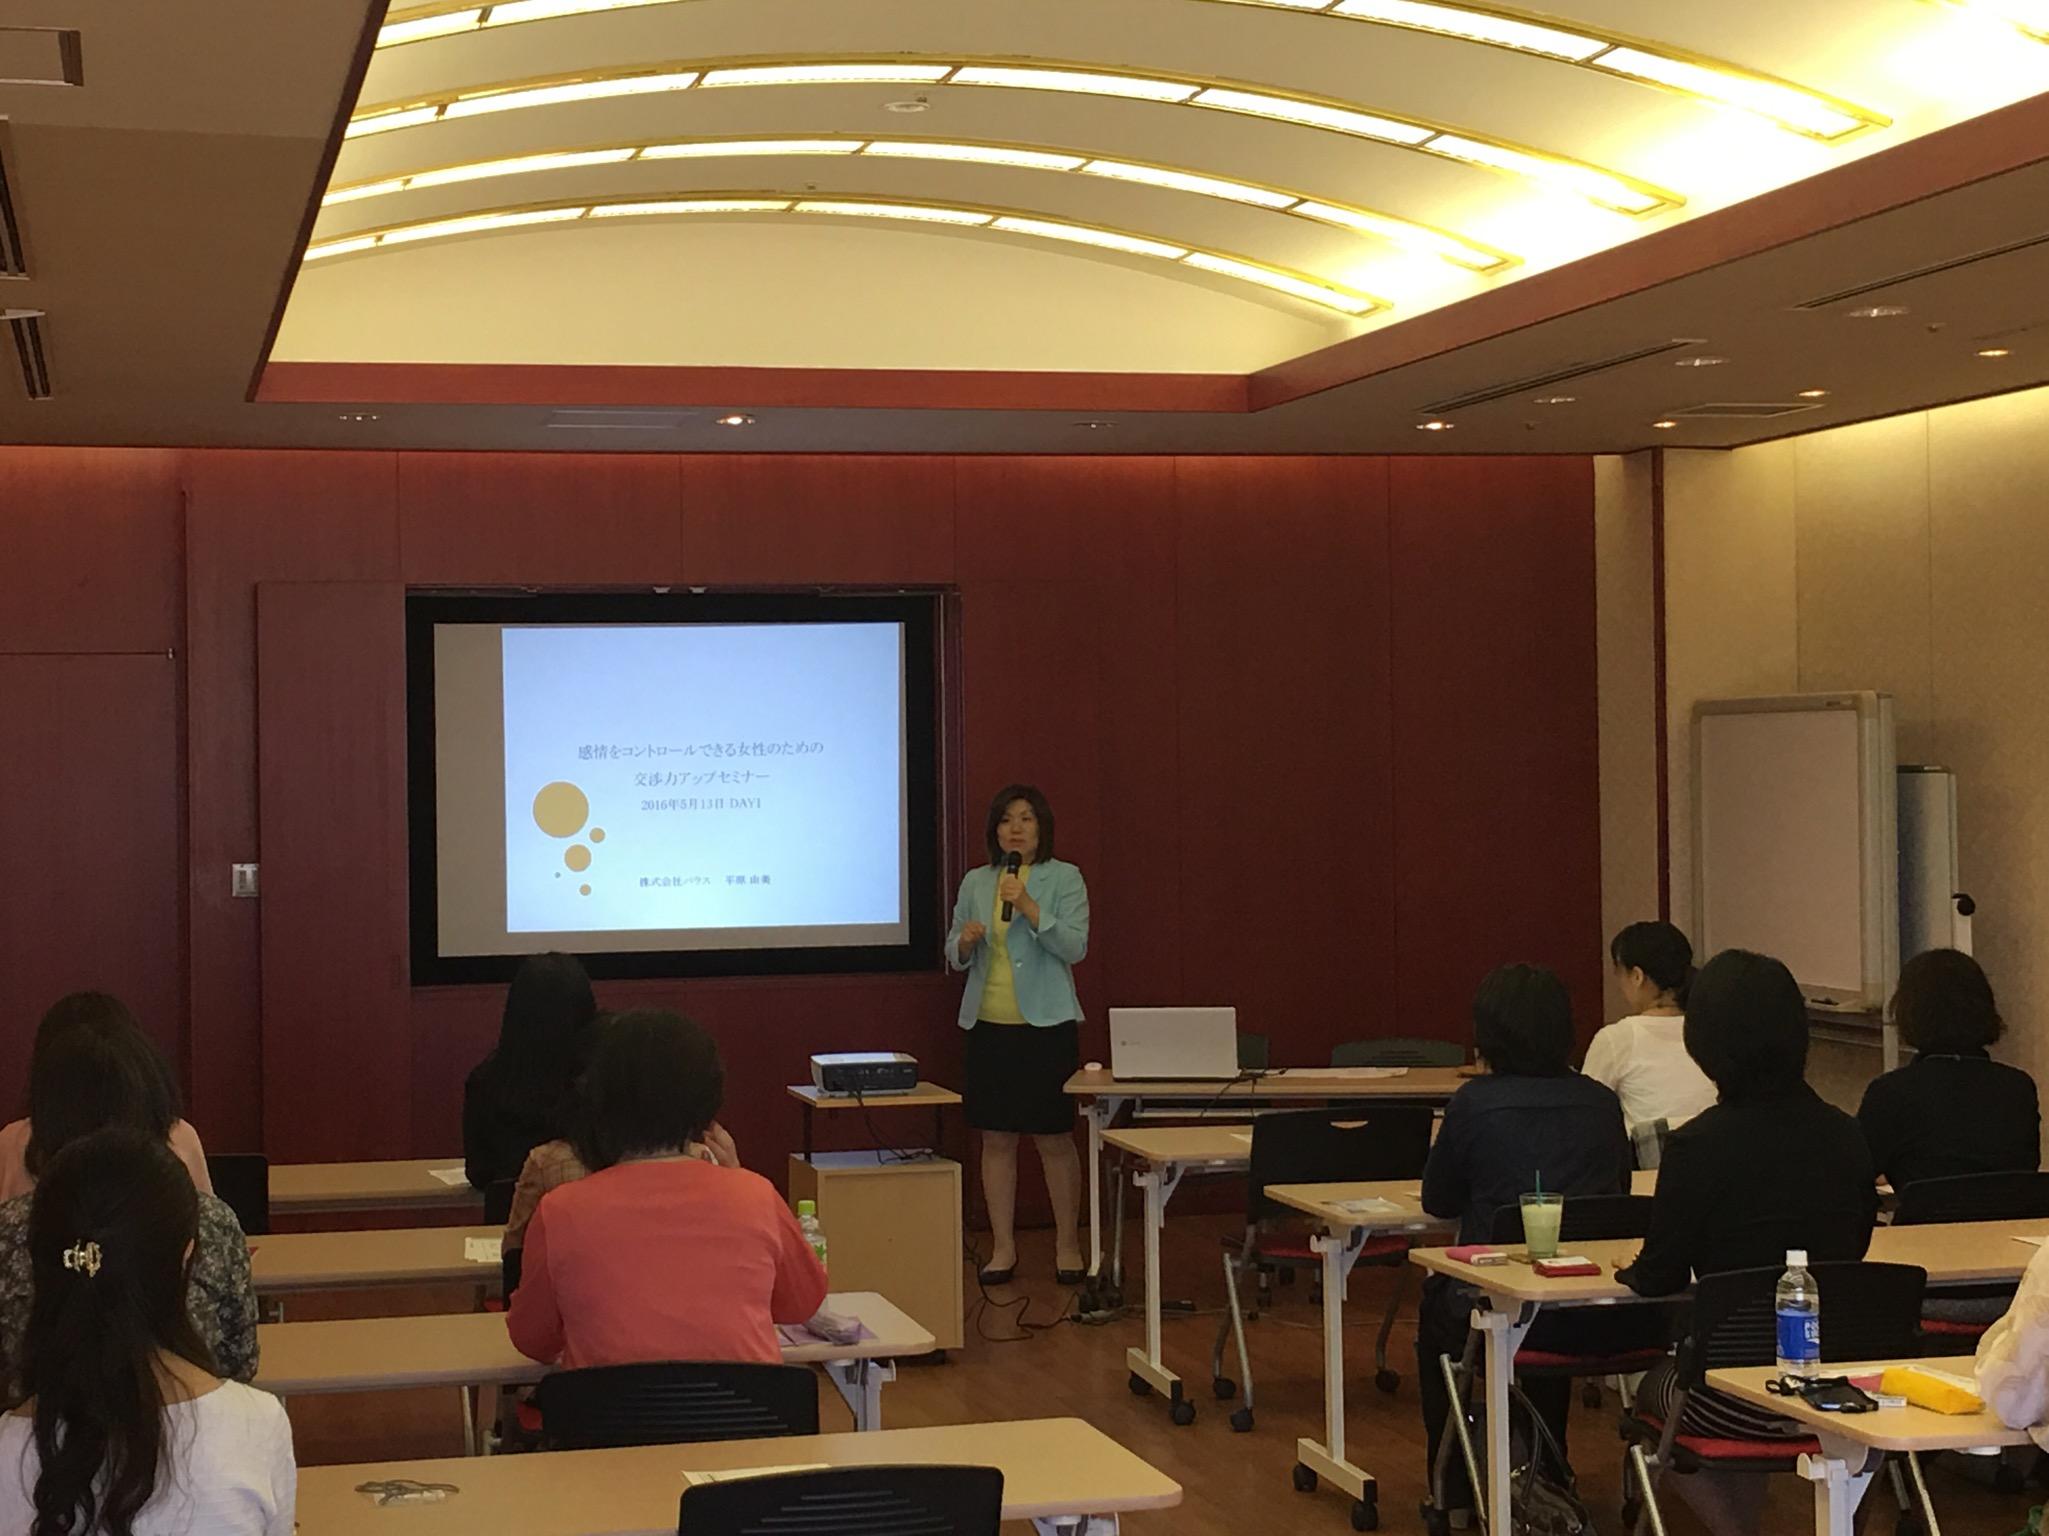 ビジネスに活かせる!女性起業家のための交渉力UPセミナー(基礎編)